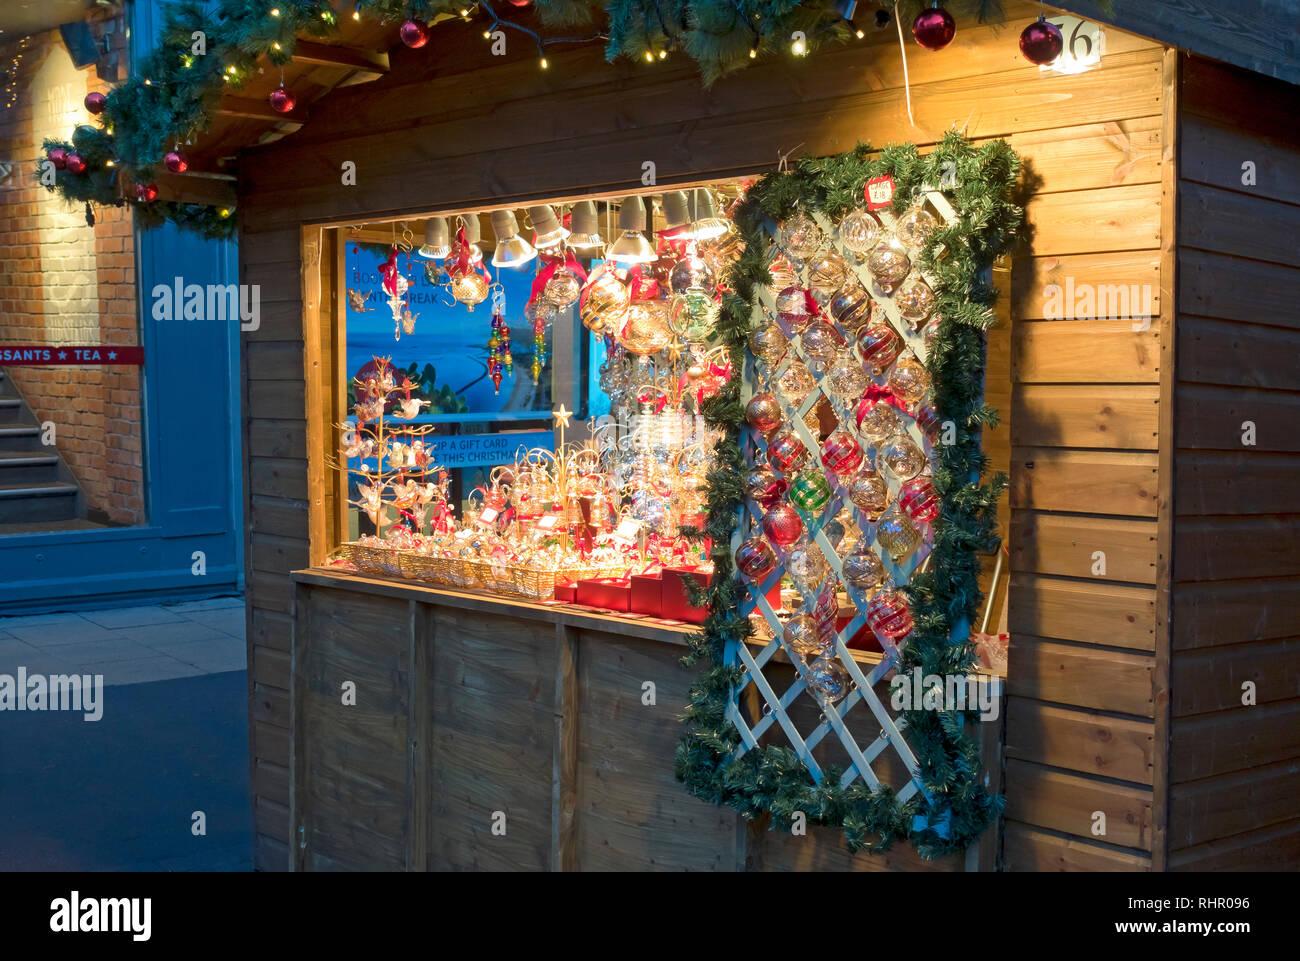 Gb Bilder Weihnachten.Weihnachten Kabine Verkauf Dekorationen Im St Nicholas Fayre York